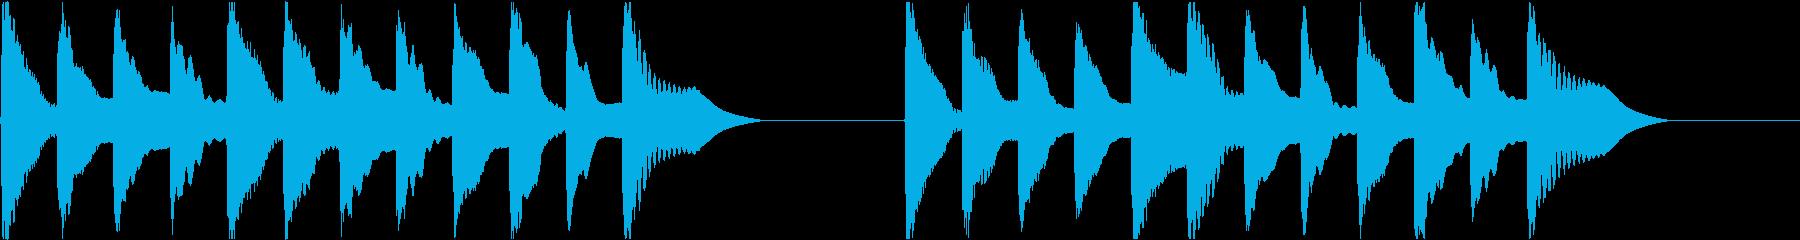 着信音 ループ お知らせ 通知 6の再生済みの波形